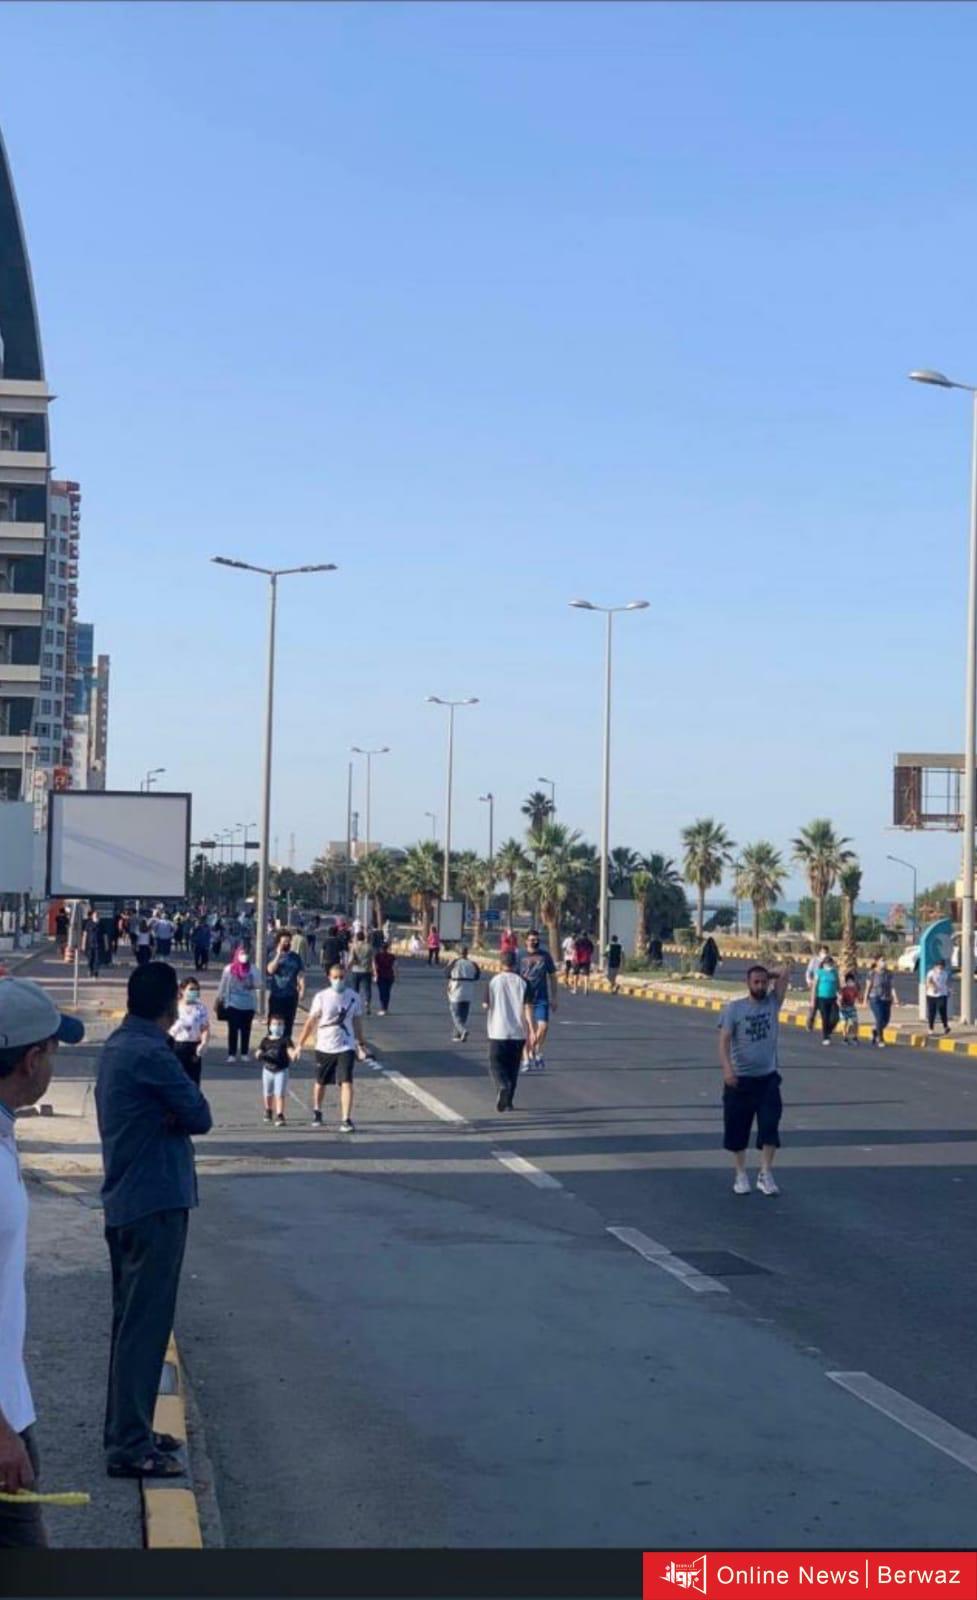 IMG 20200511 WA0050 - صور وفيديو.. مواقع التواصل تتطالب بإلغاء فترة ممارسة المشي بعد رصد مخالفات عديدة